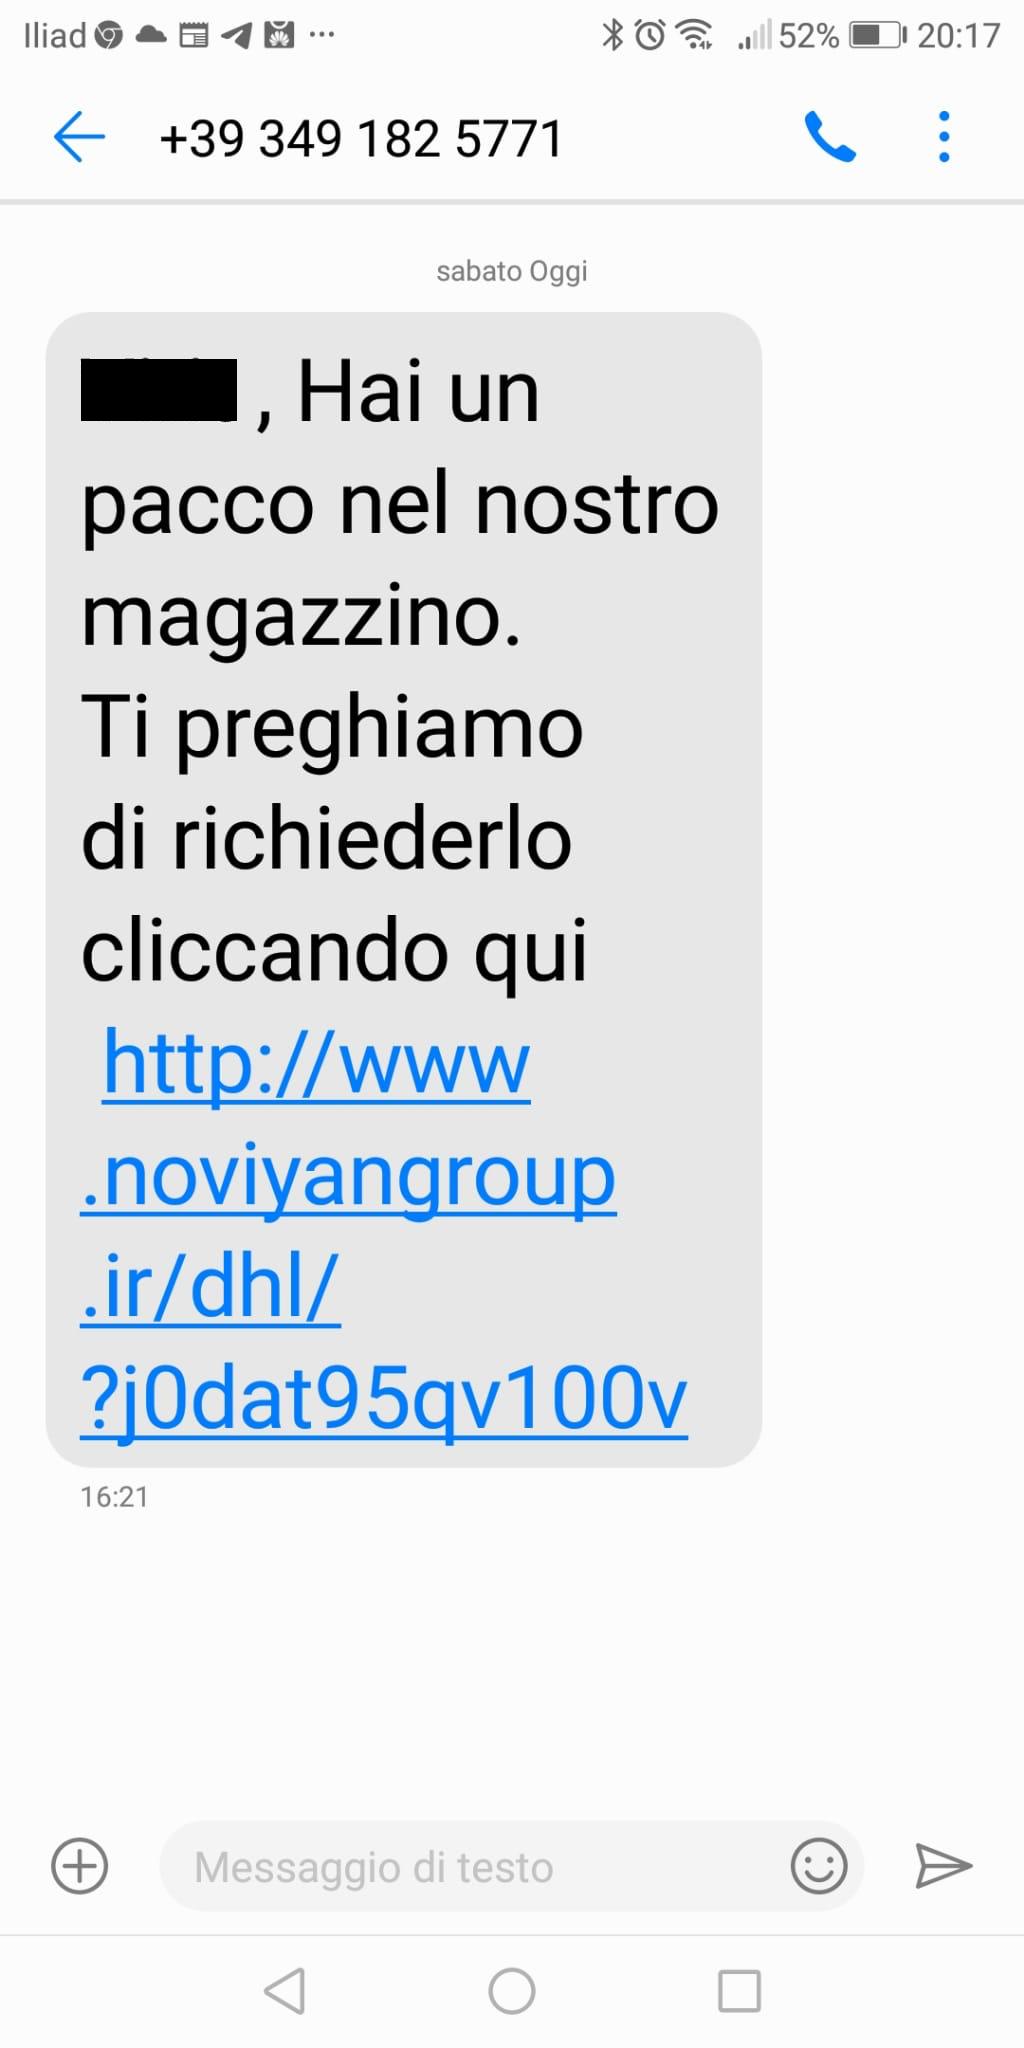 Clicca per ingrandire l'immagine del falso sms che informa che il tuo pacco è nel magazzino e che puoi richiedere la consegna...in realtà si tratta di  una TRUFFA!